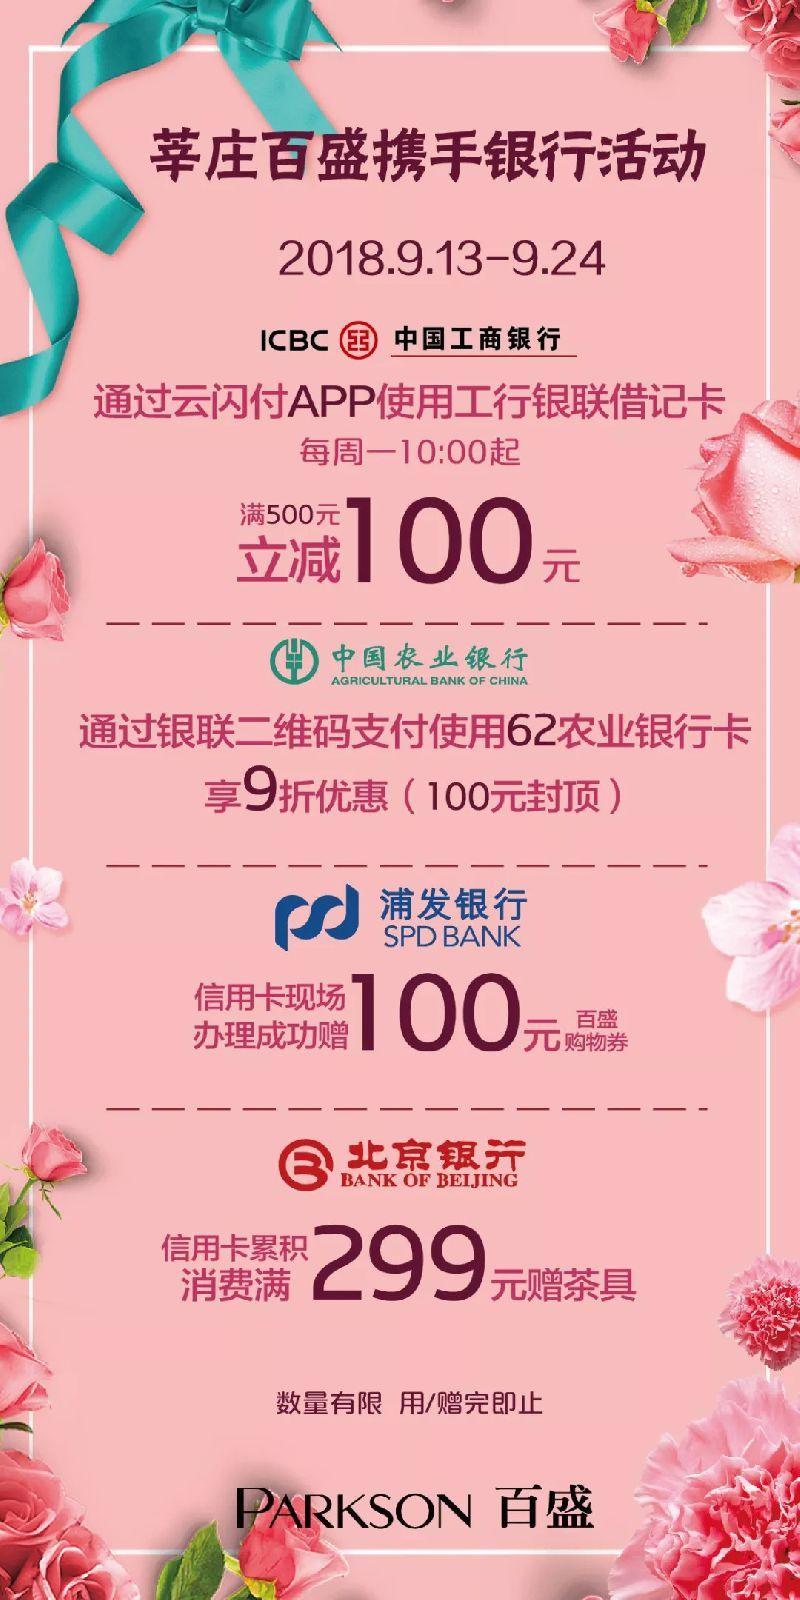 上海莘庄百盛10周年庆购物攻略